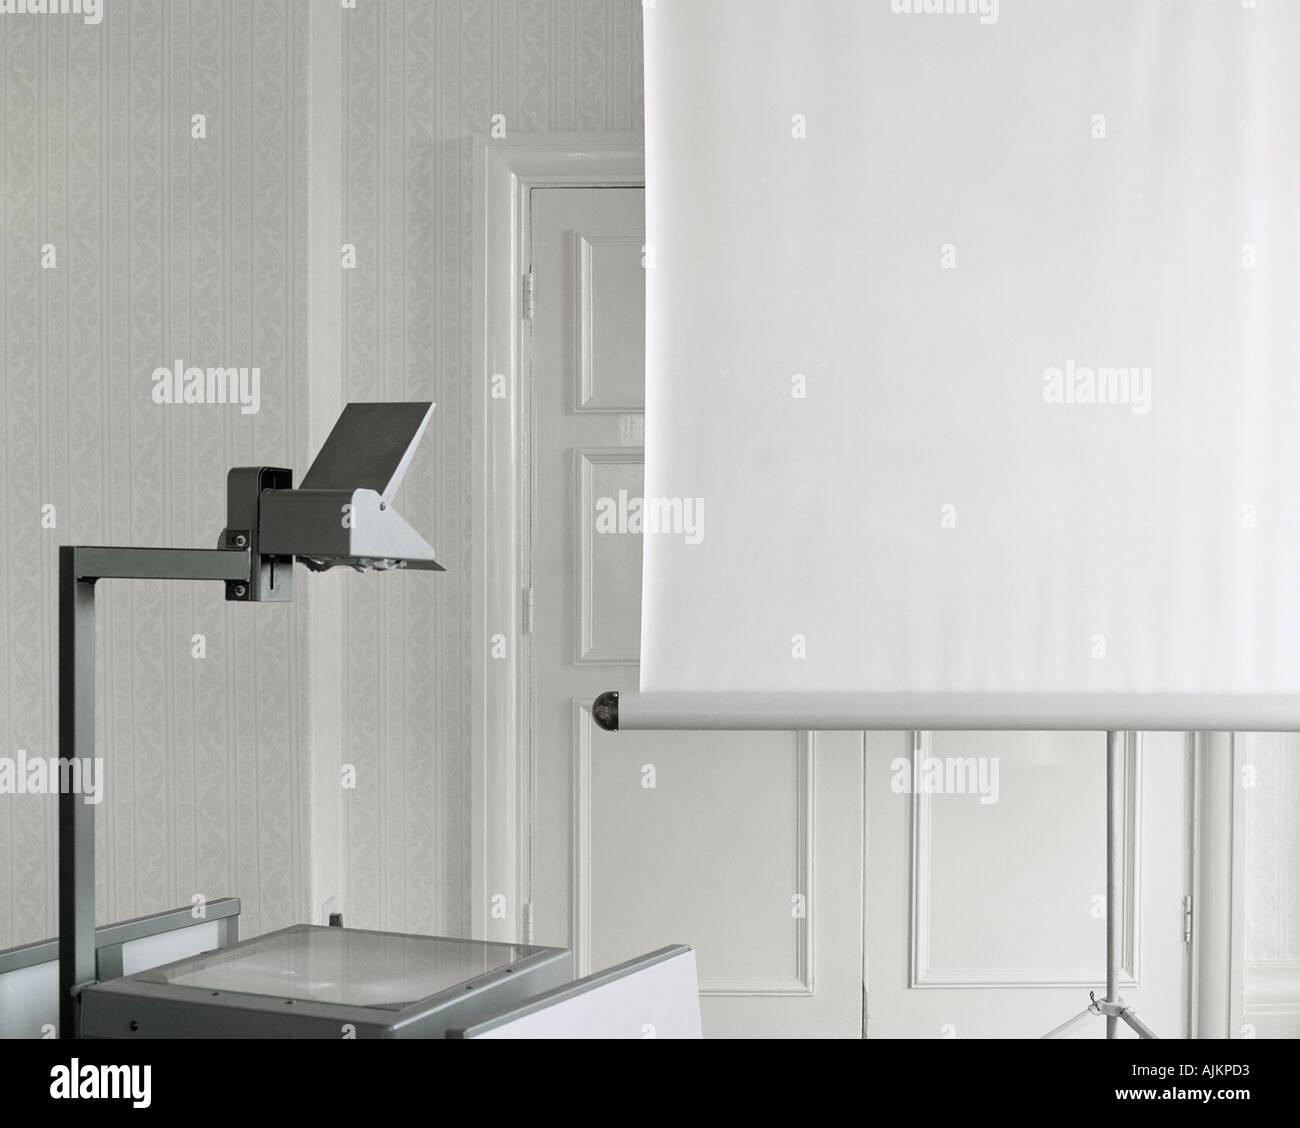 Proiettore e schermo Foto Stock